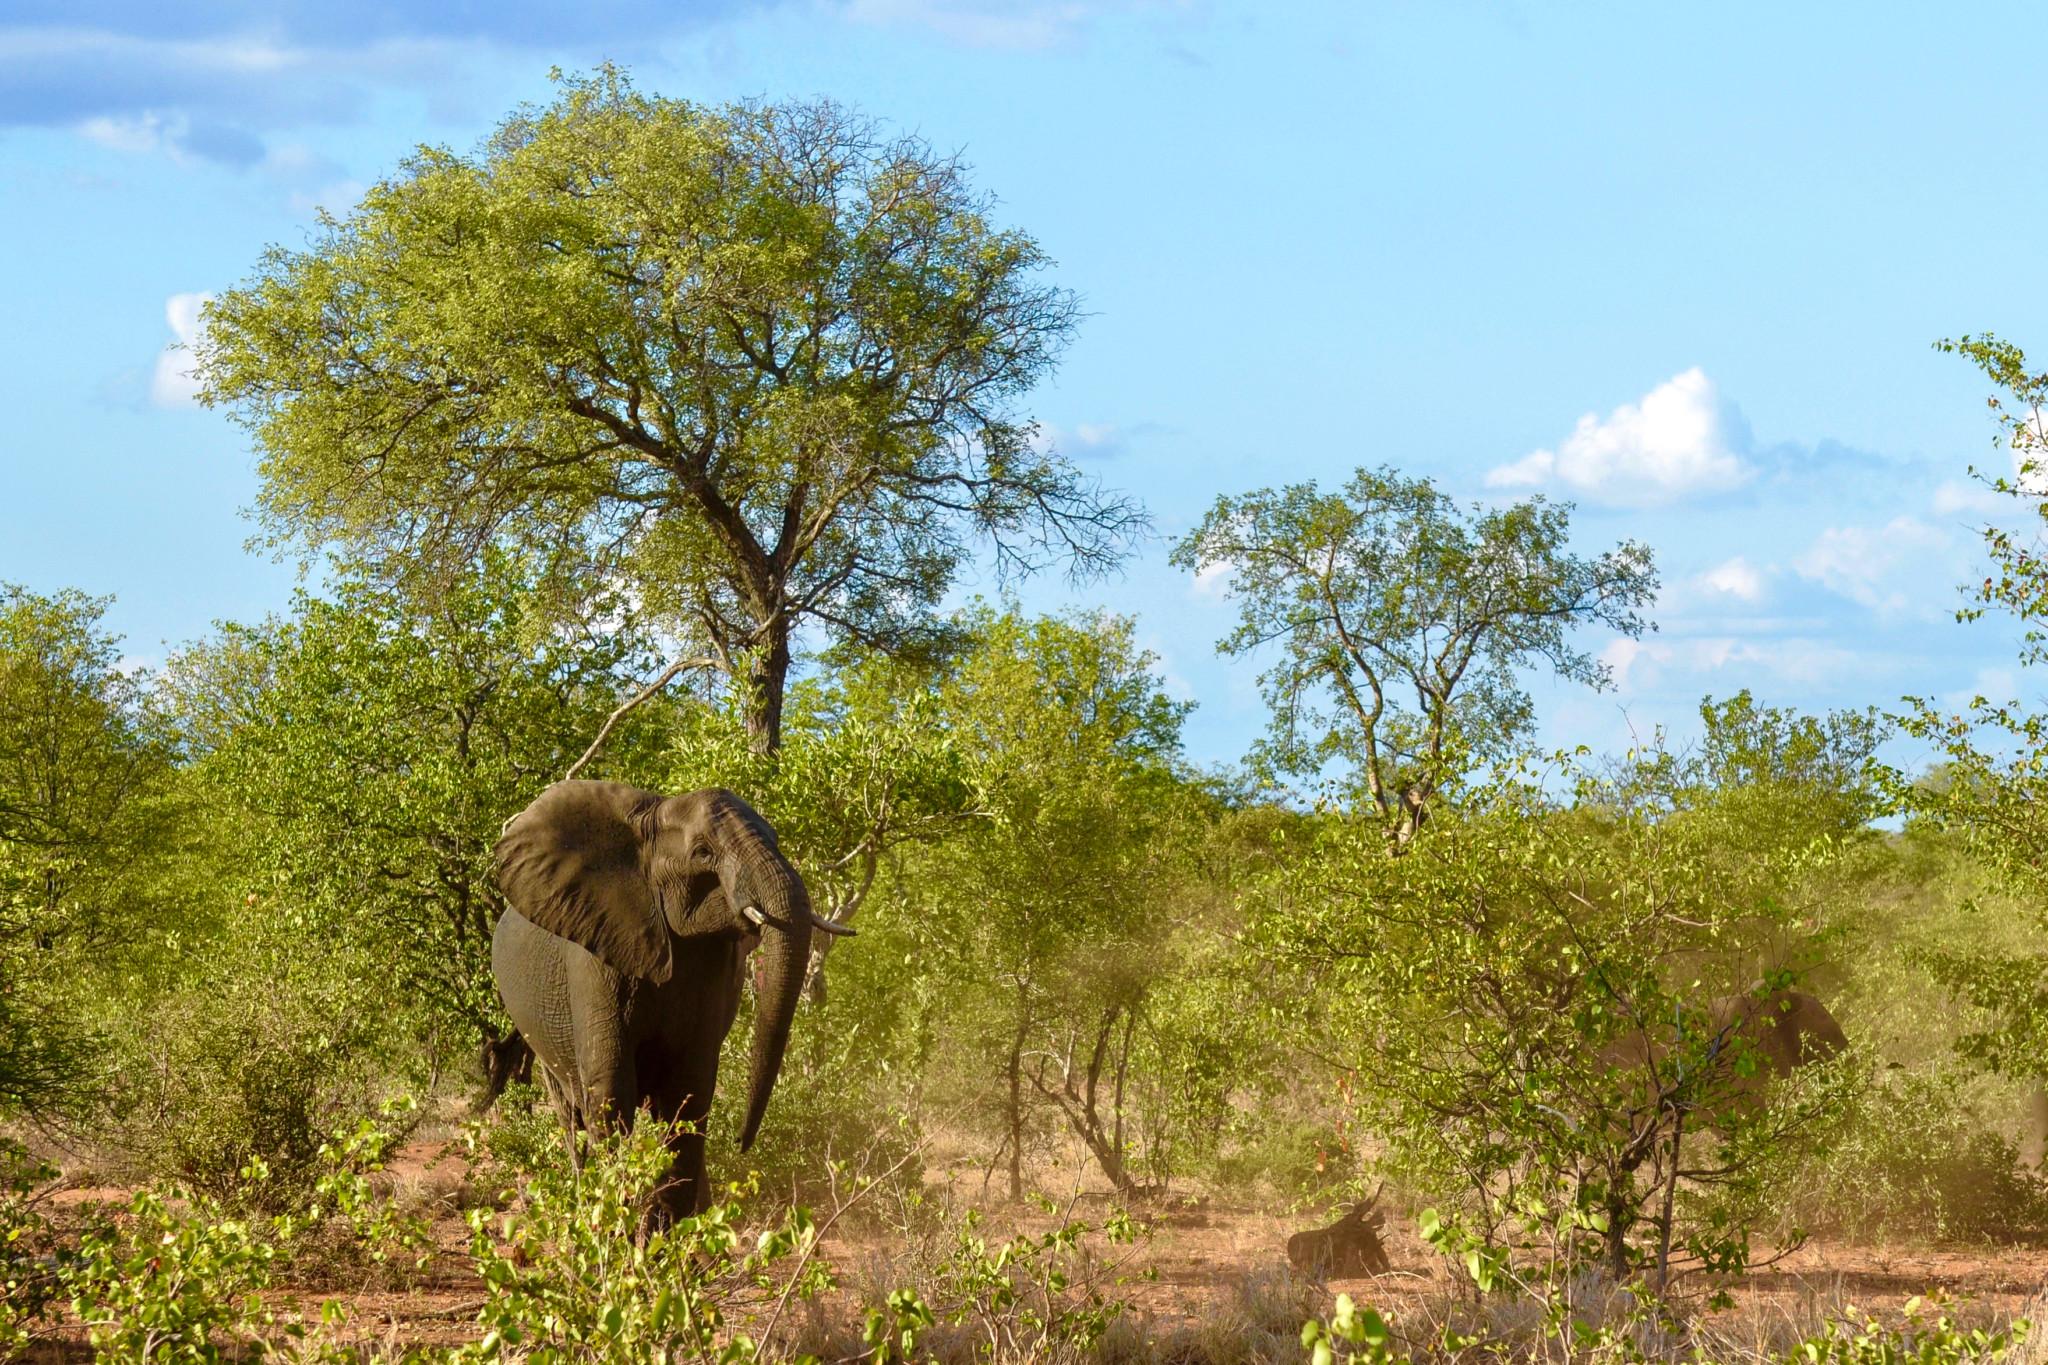 Elefanten gehören selbst schon zu den Südafrika Sehenswürdigkeiten